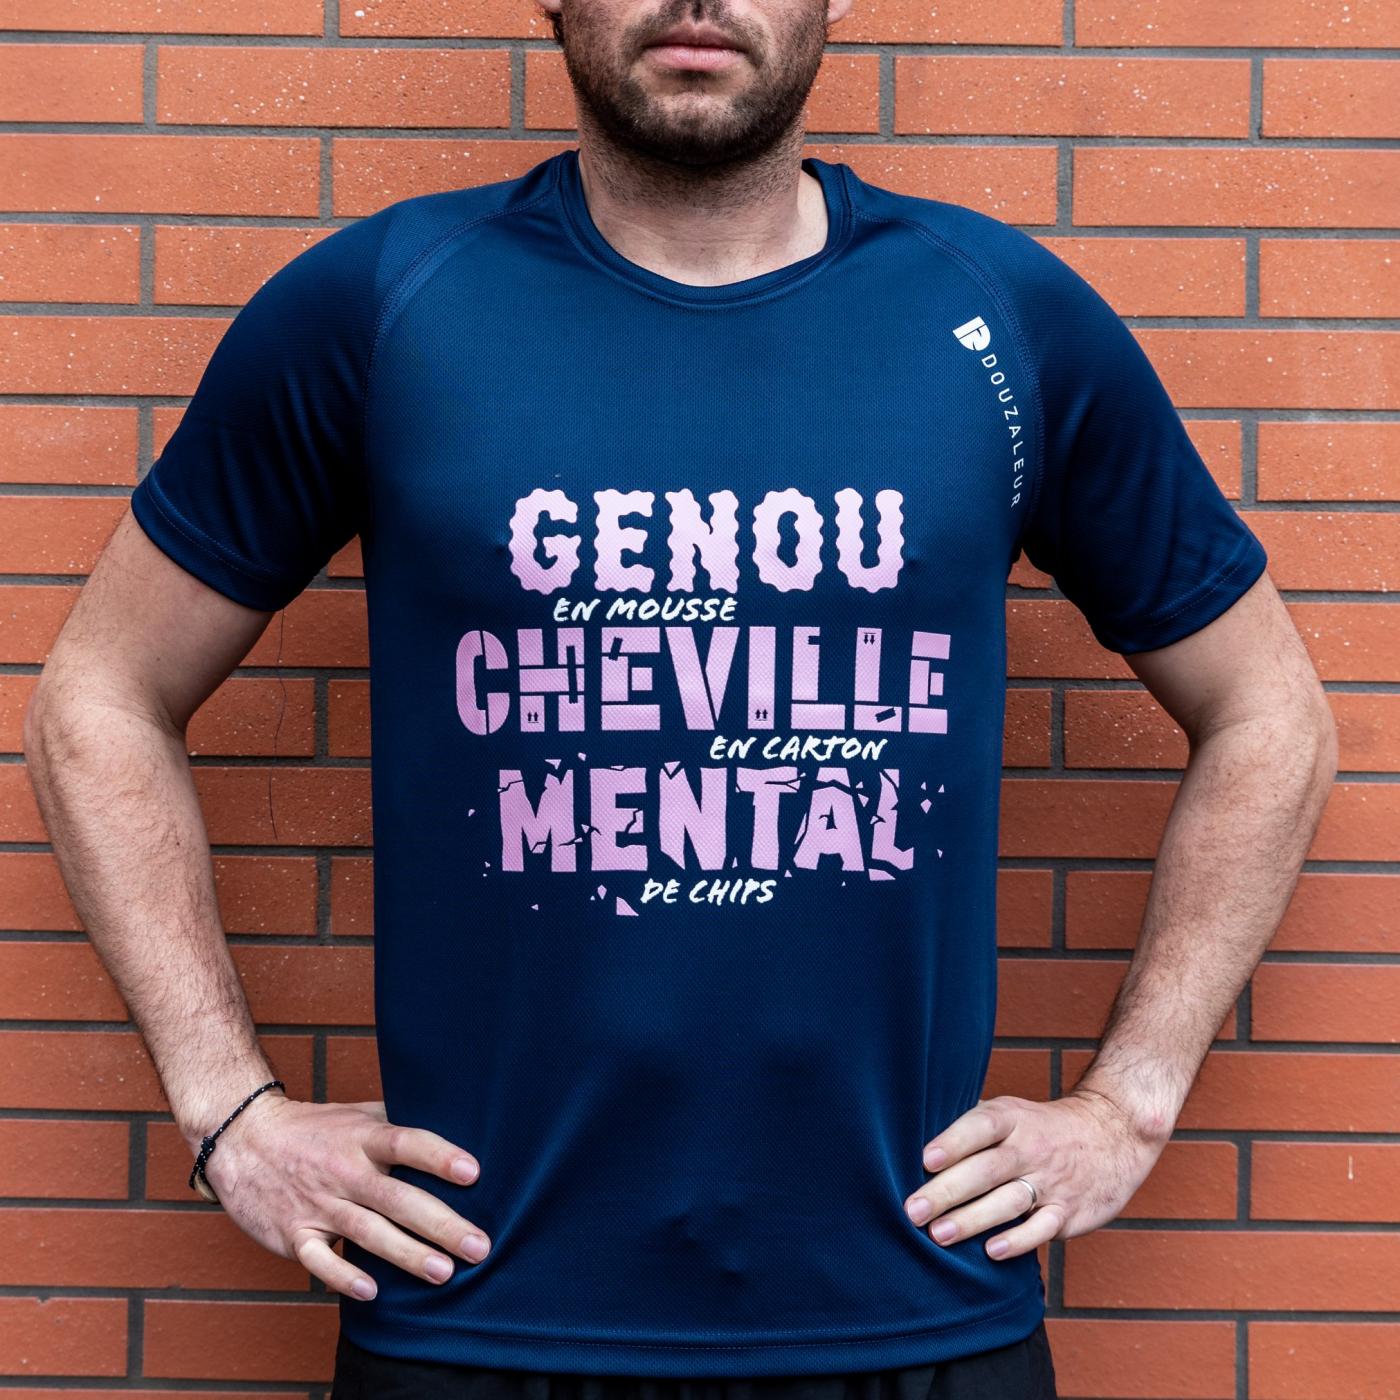 douzaleur-ss20-genou-en-mousse-cheville-en-carton-mental-de-chips